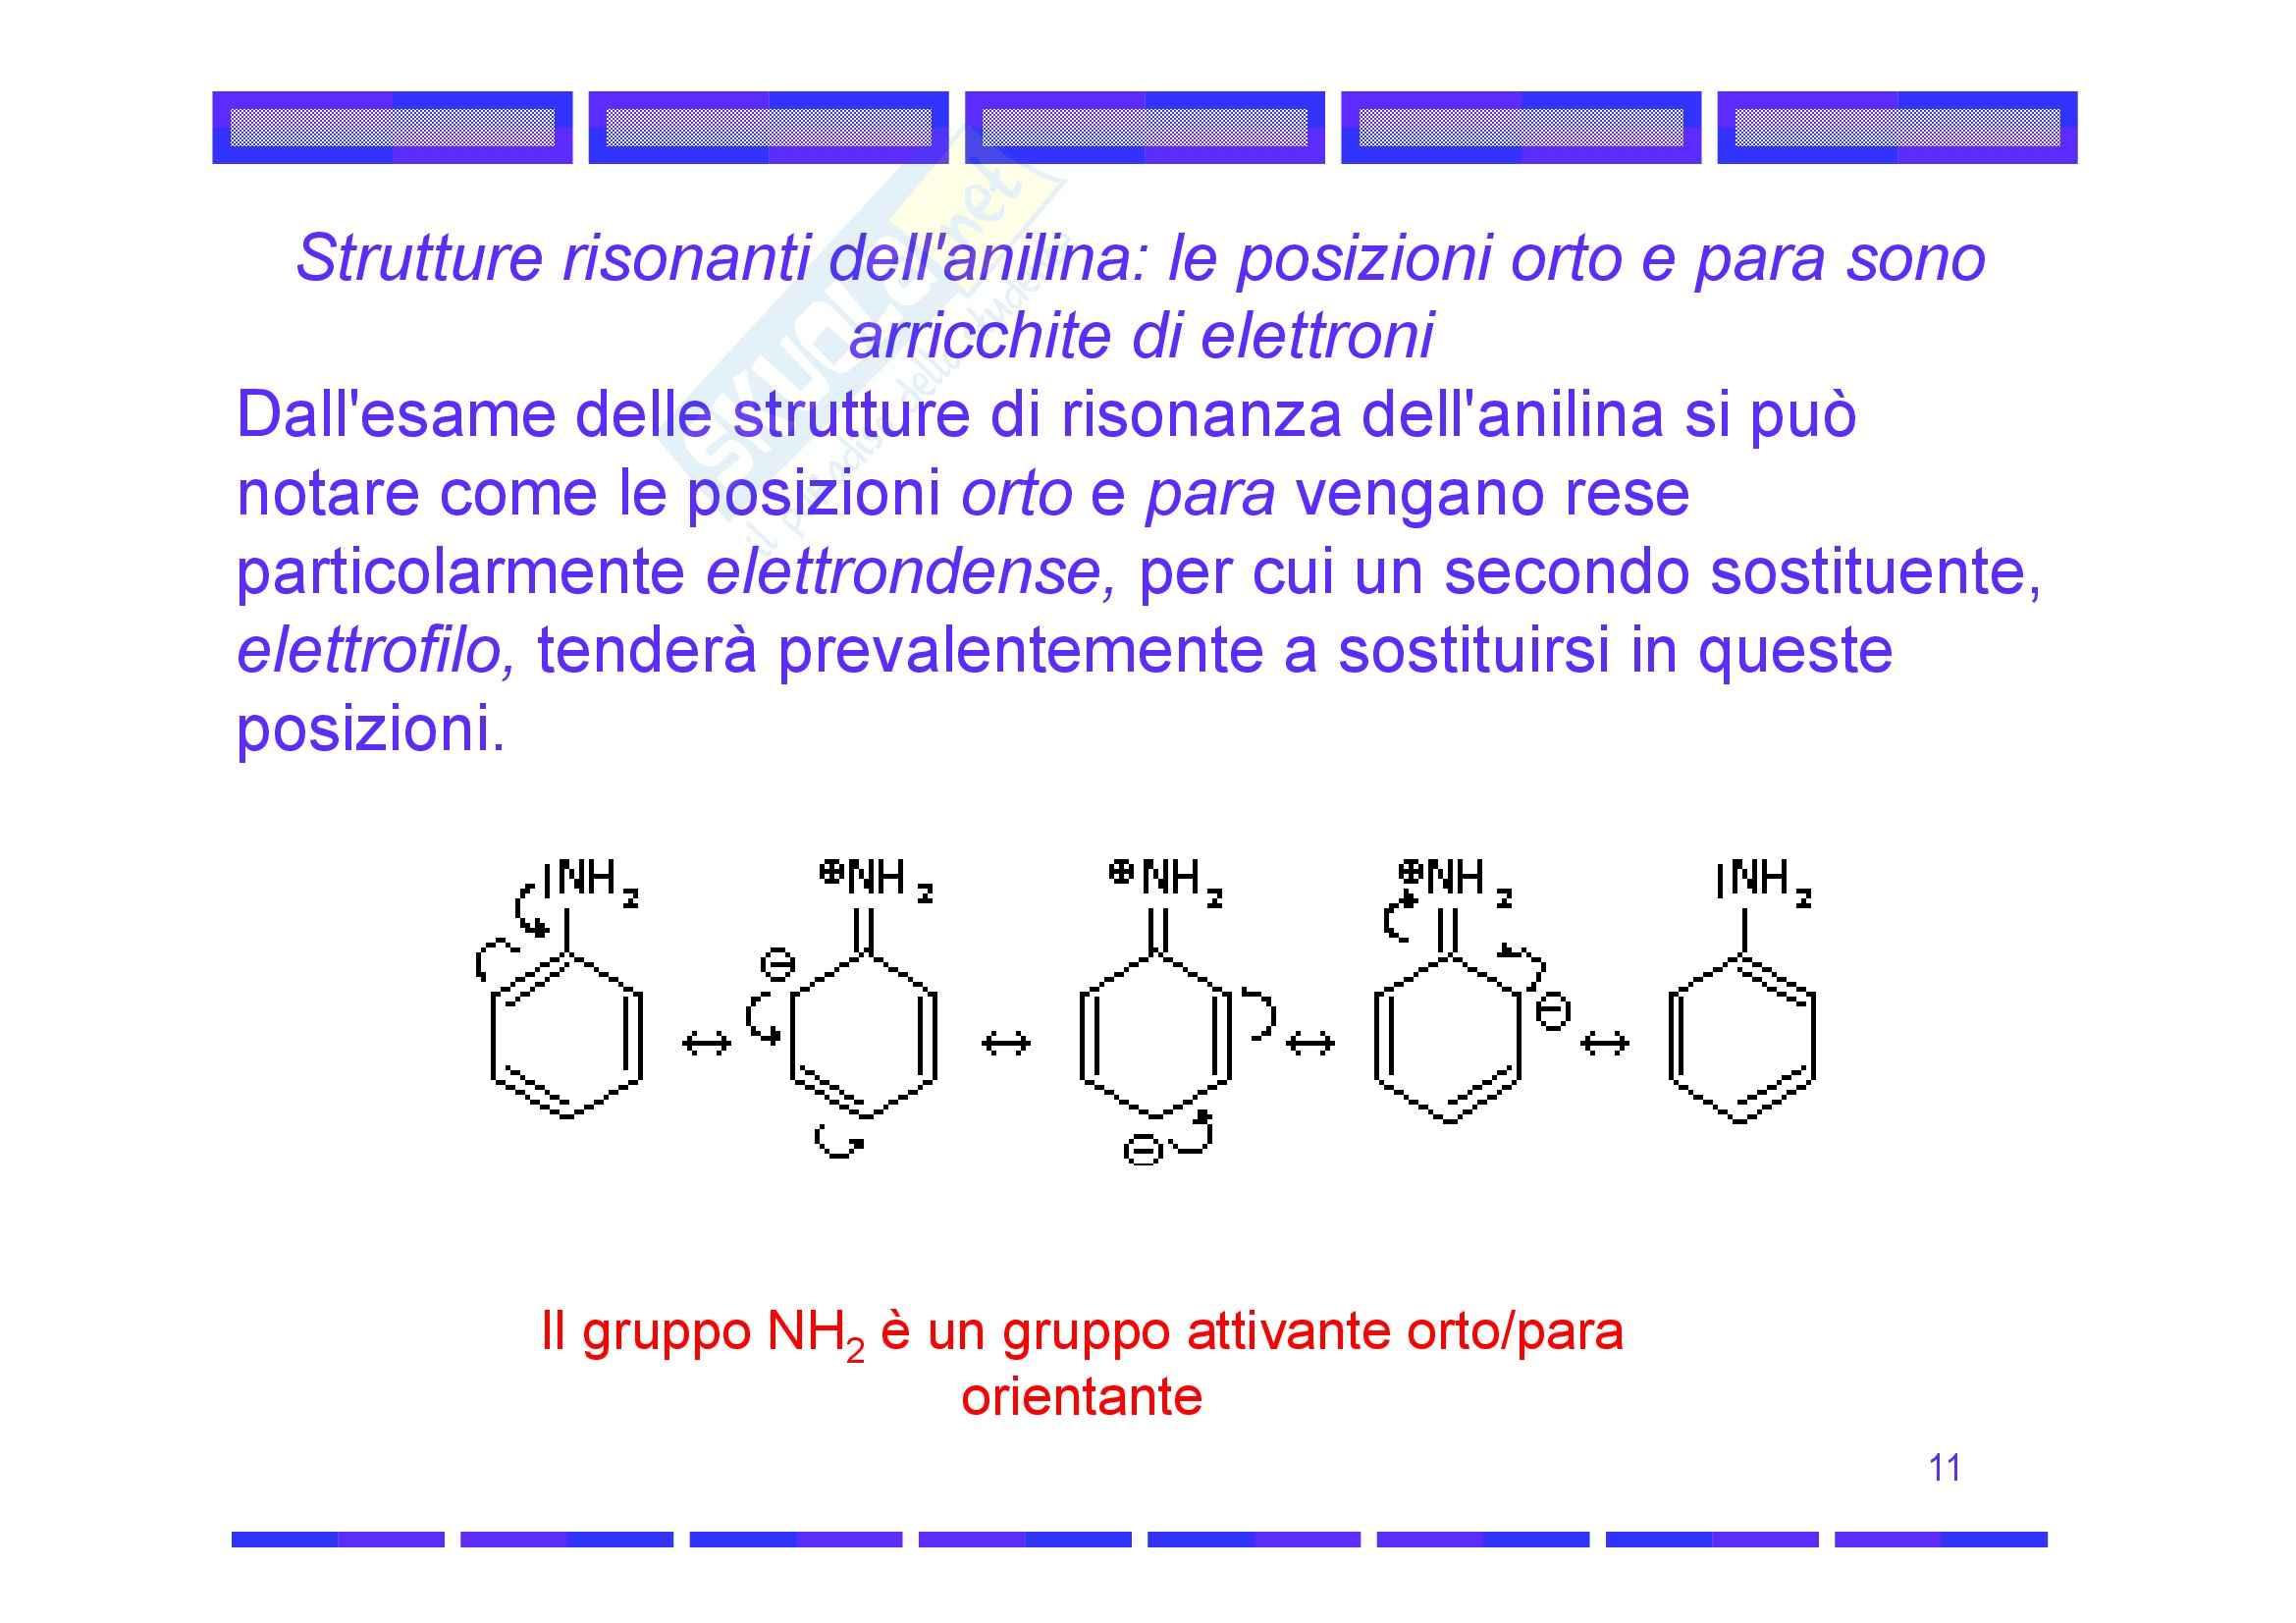 Chimica organica - effetto induttivo e mesomero Pag. 11